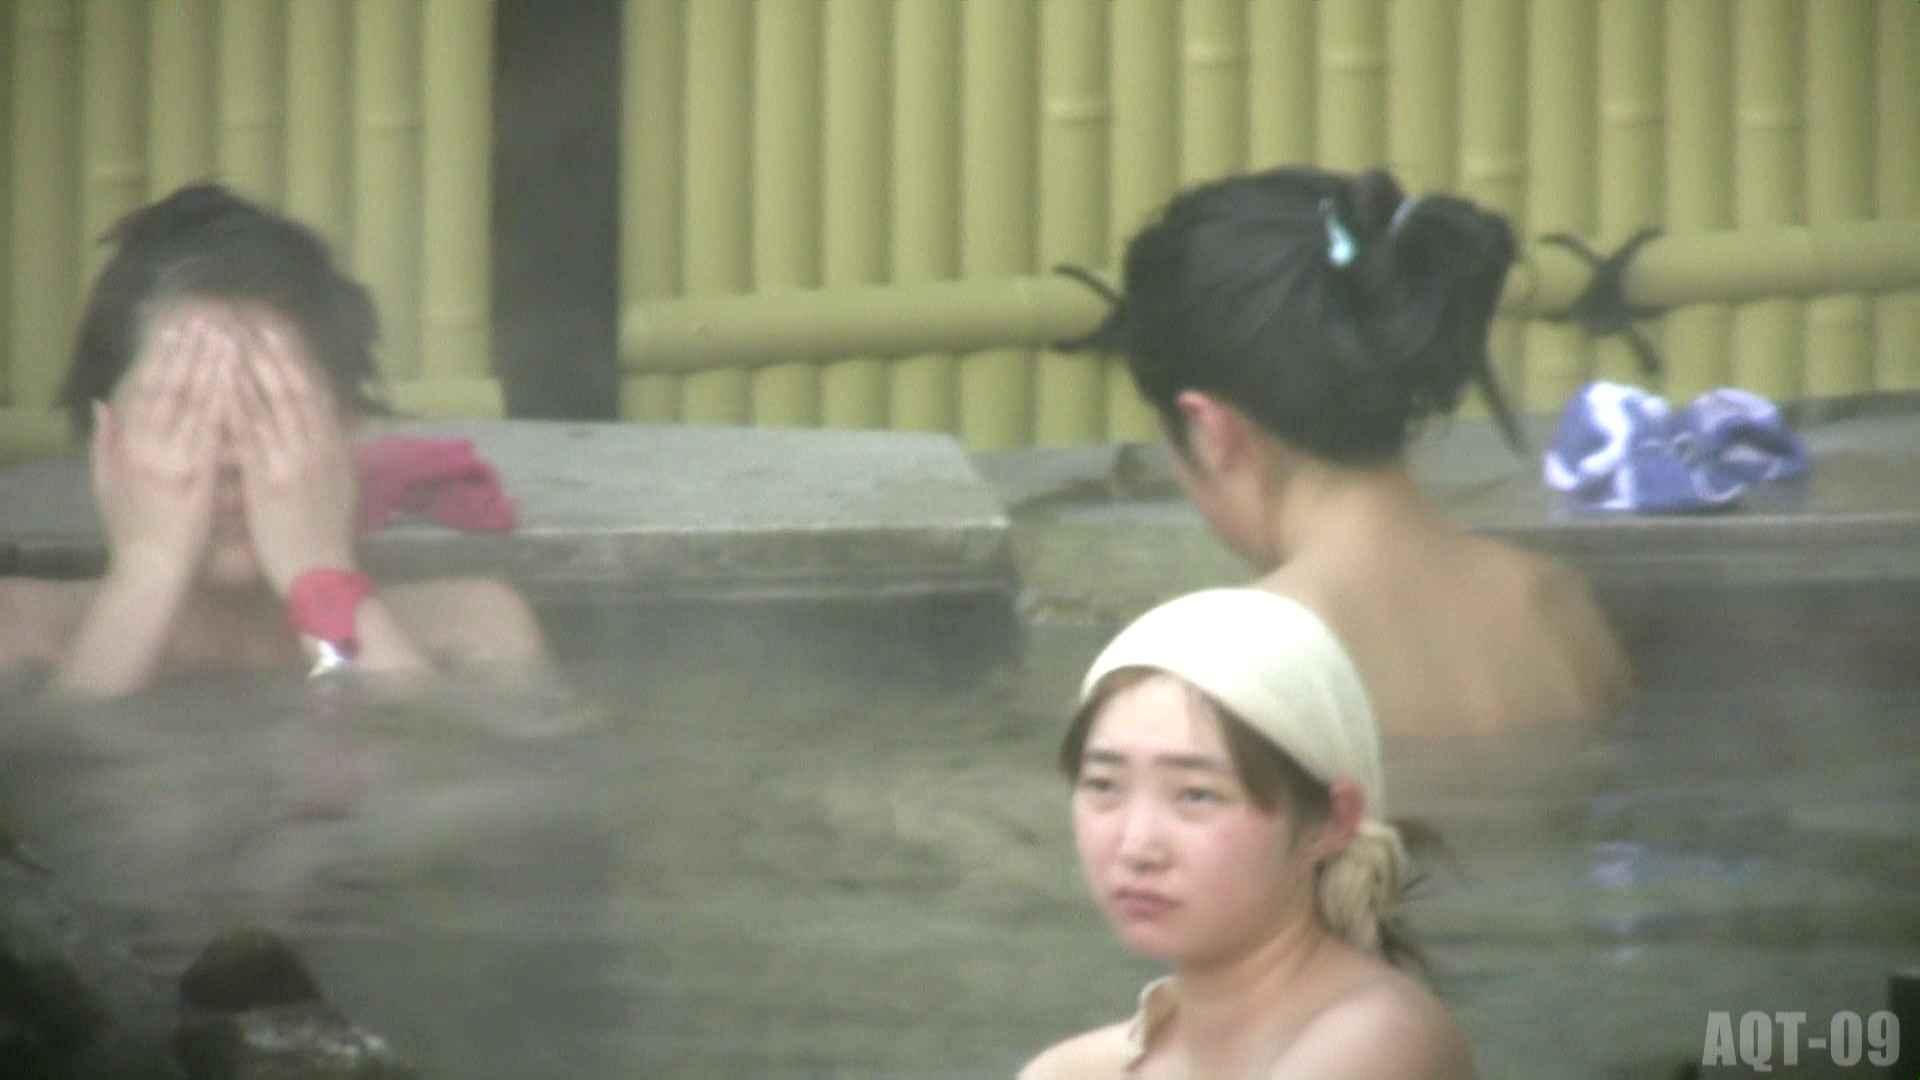 Aquaな露天風呂Vol.781 盗撮  27PICs 6